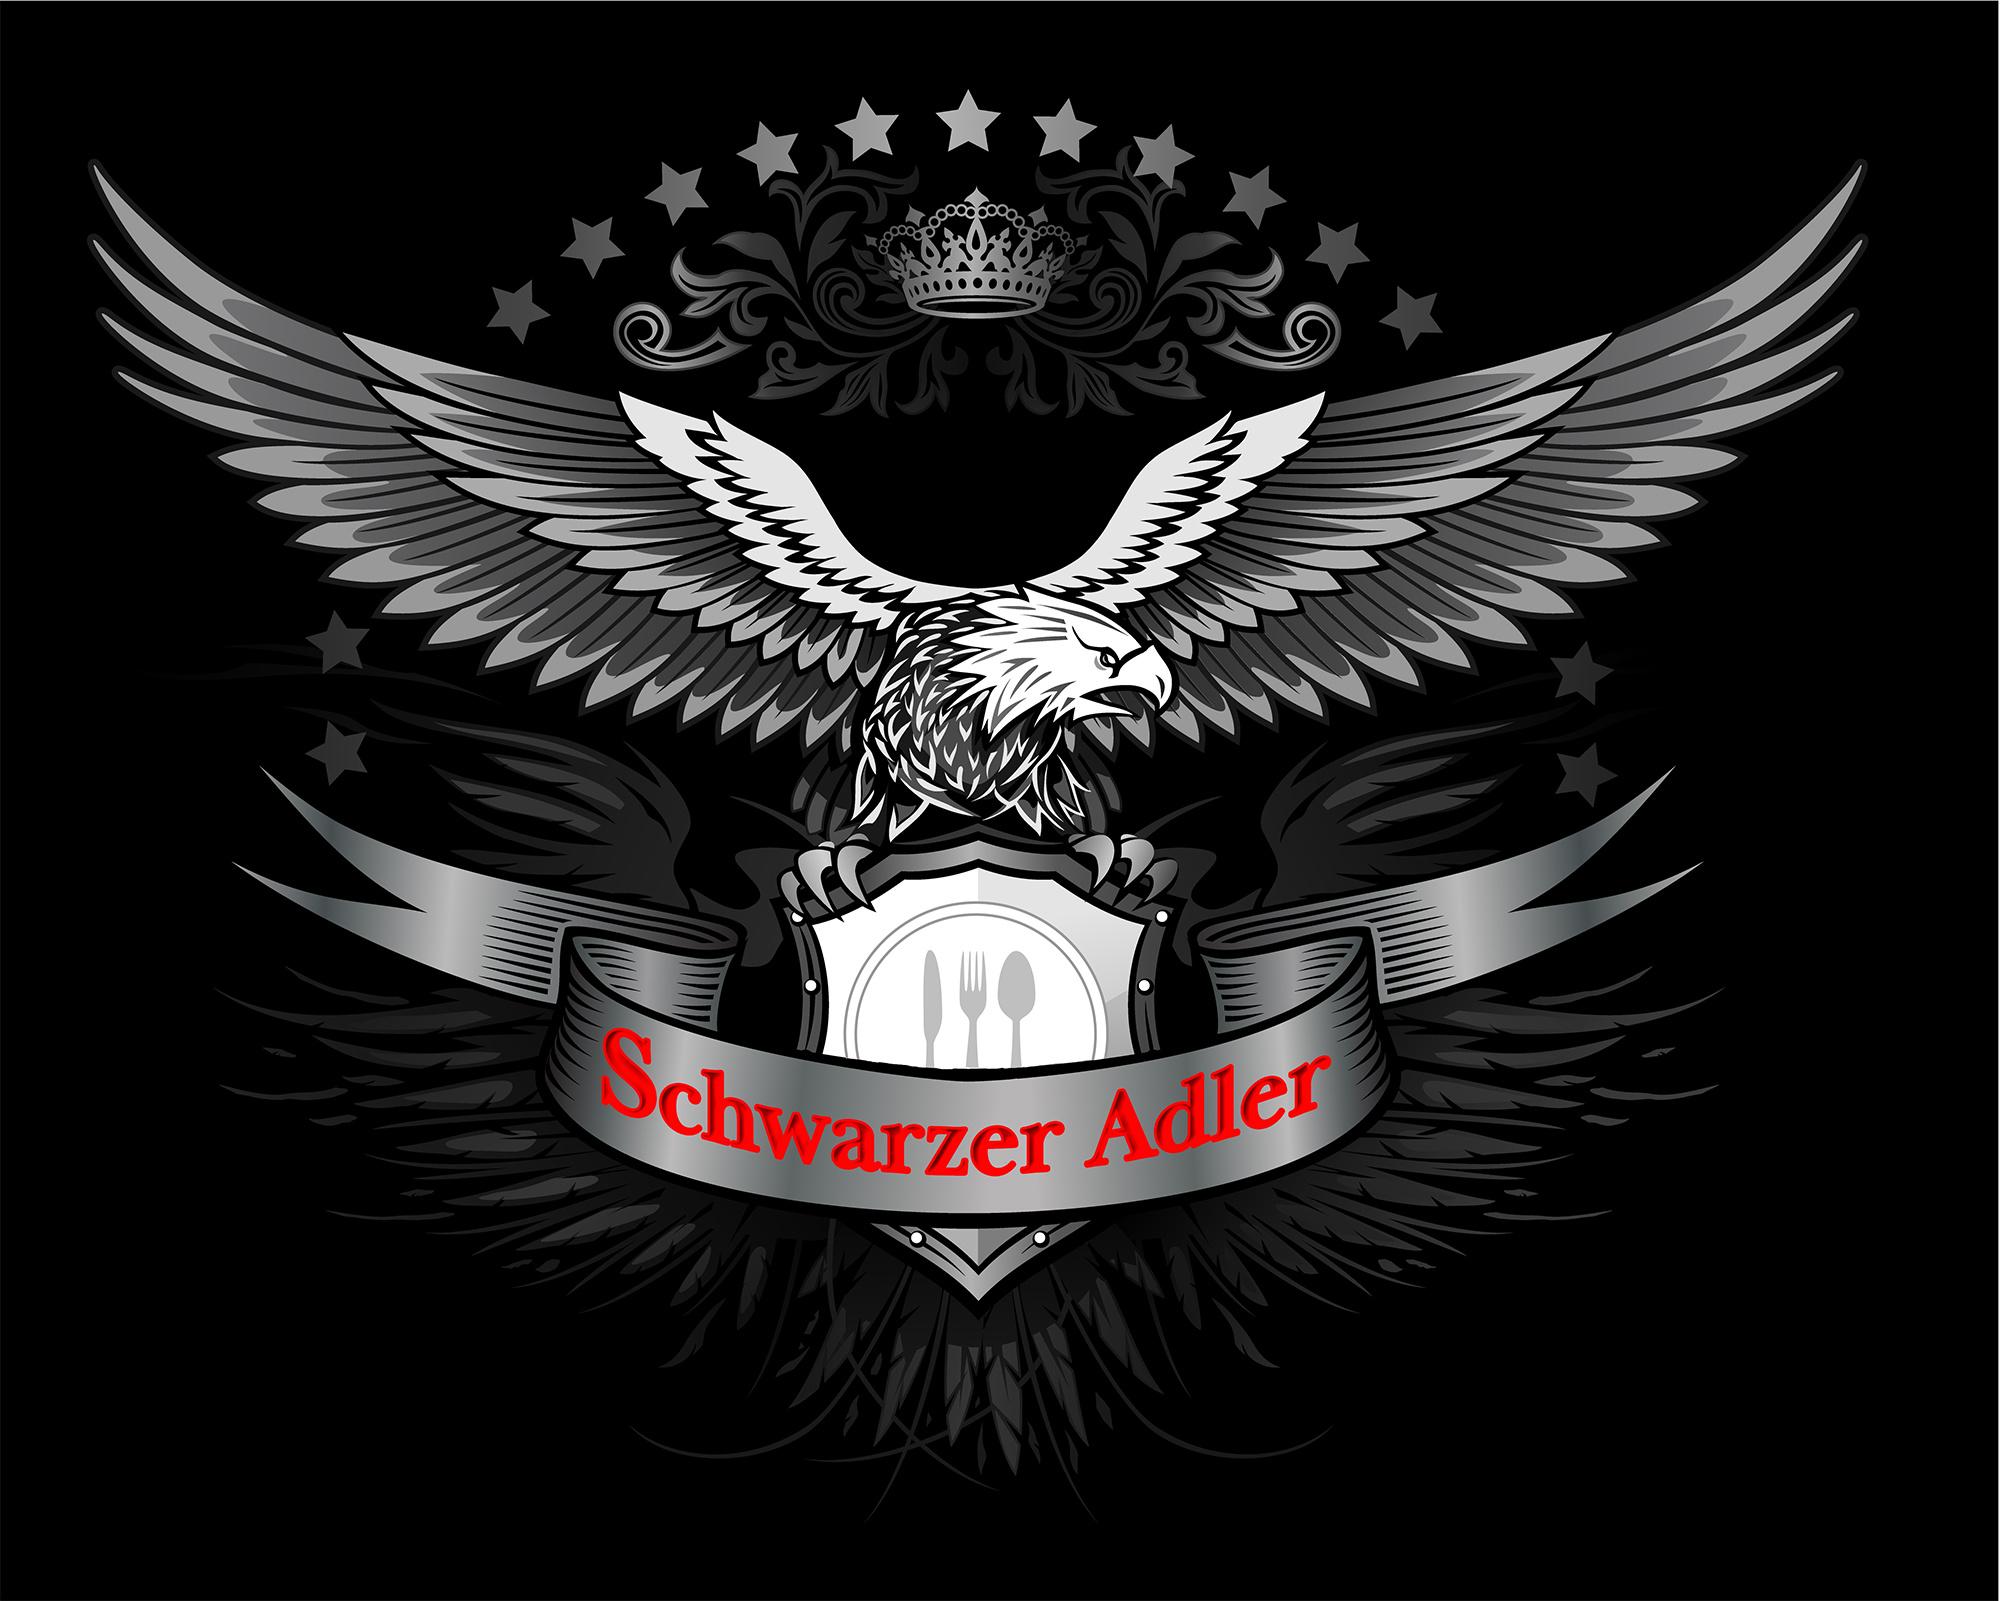 https://0501.nccdn.net/4_2/000/000/060/85f/Schwarzer-Adler-Logofinal2019-2000x1601.jpg